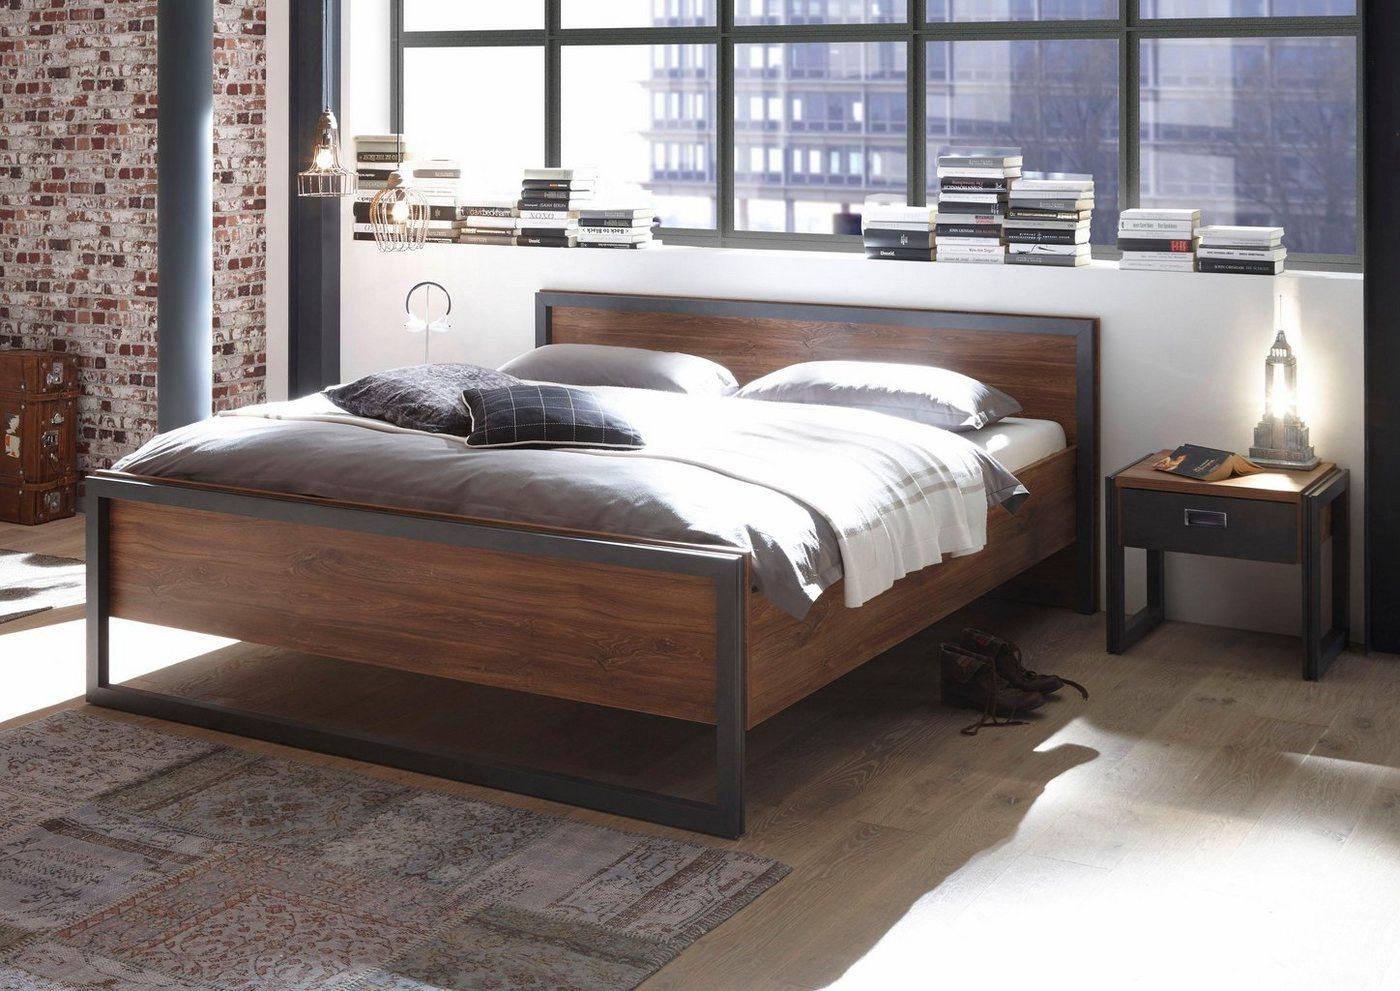 Home affaire Bett Detroit  in 3 Breiten in angesagtem Industrial Look braun   04054574058147